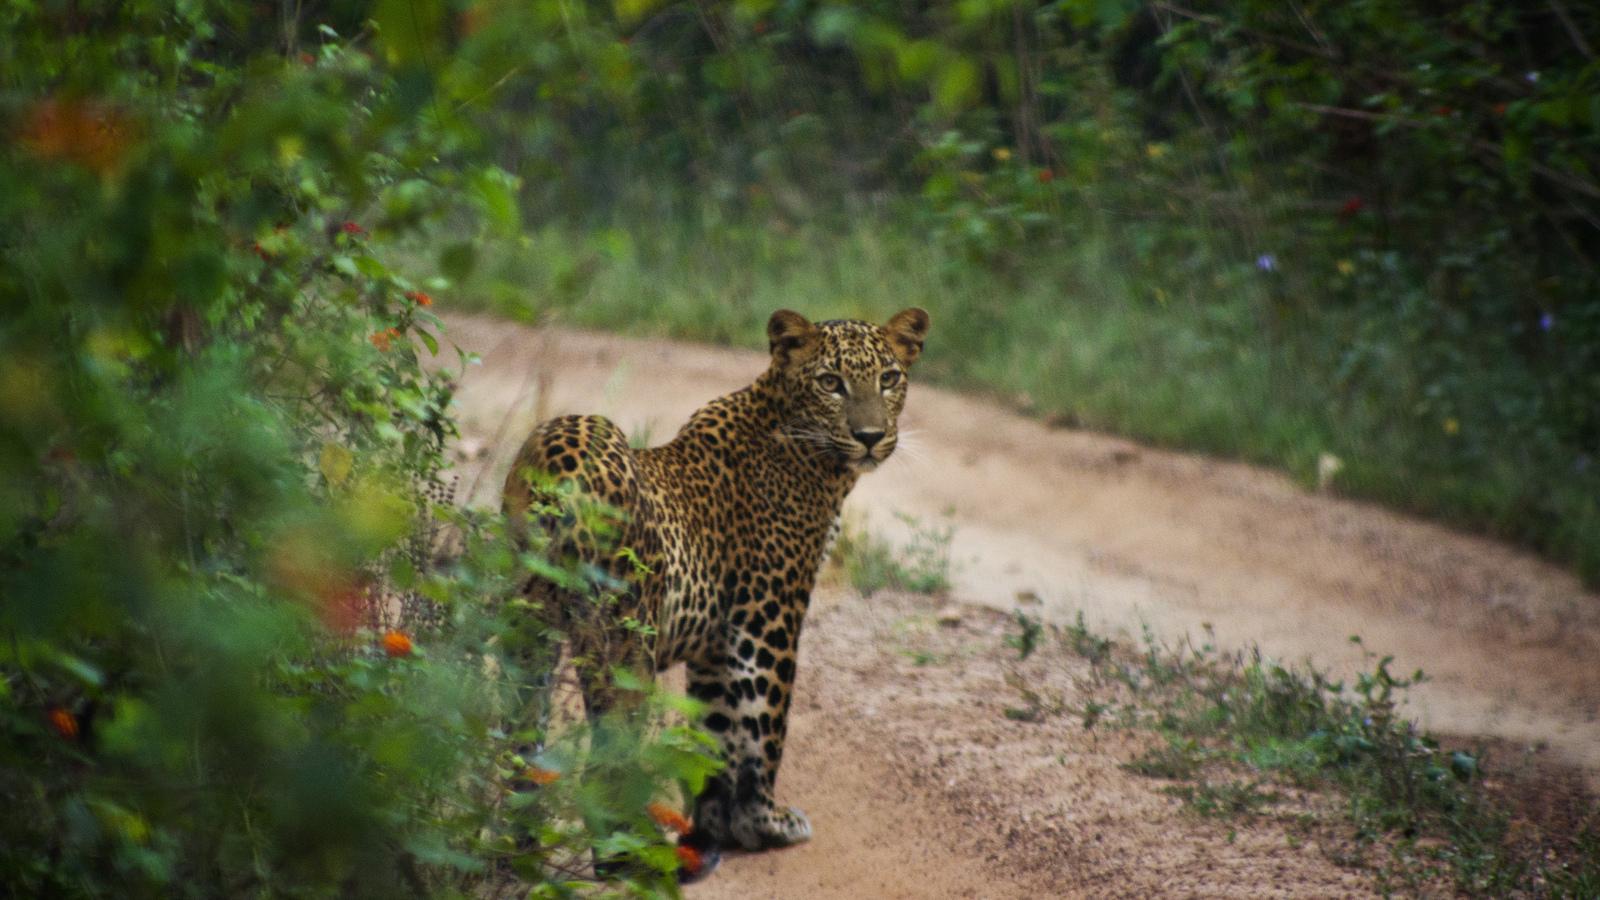 Wild Leopared in Sri Lanka by Kosala Bandara